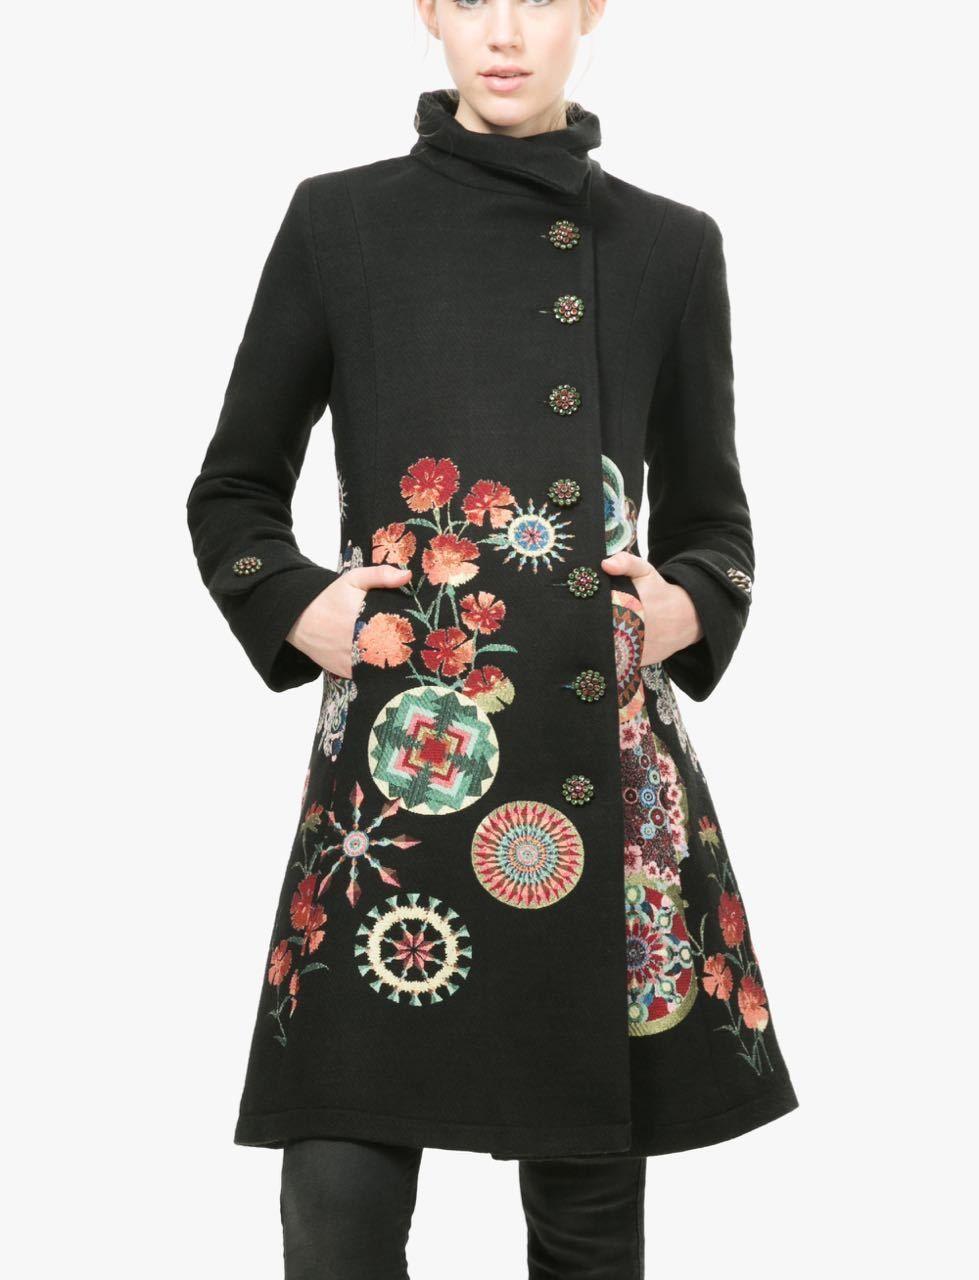 Fashion Mujer Para Sabadell Desigual Coat Y Abrigo xqIacwF